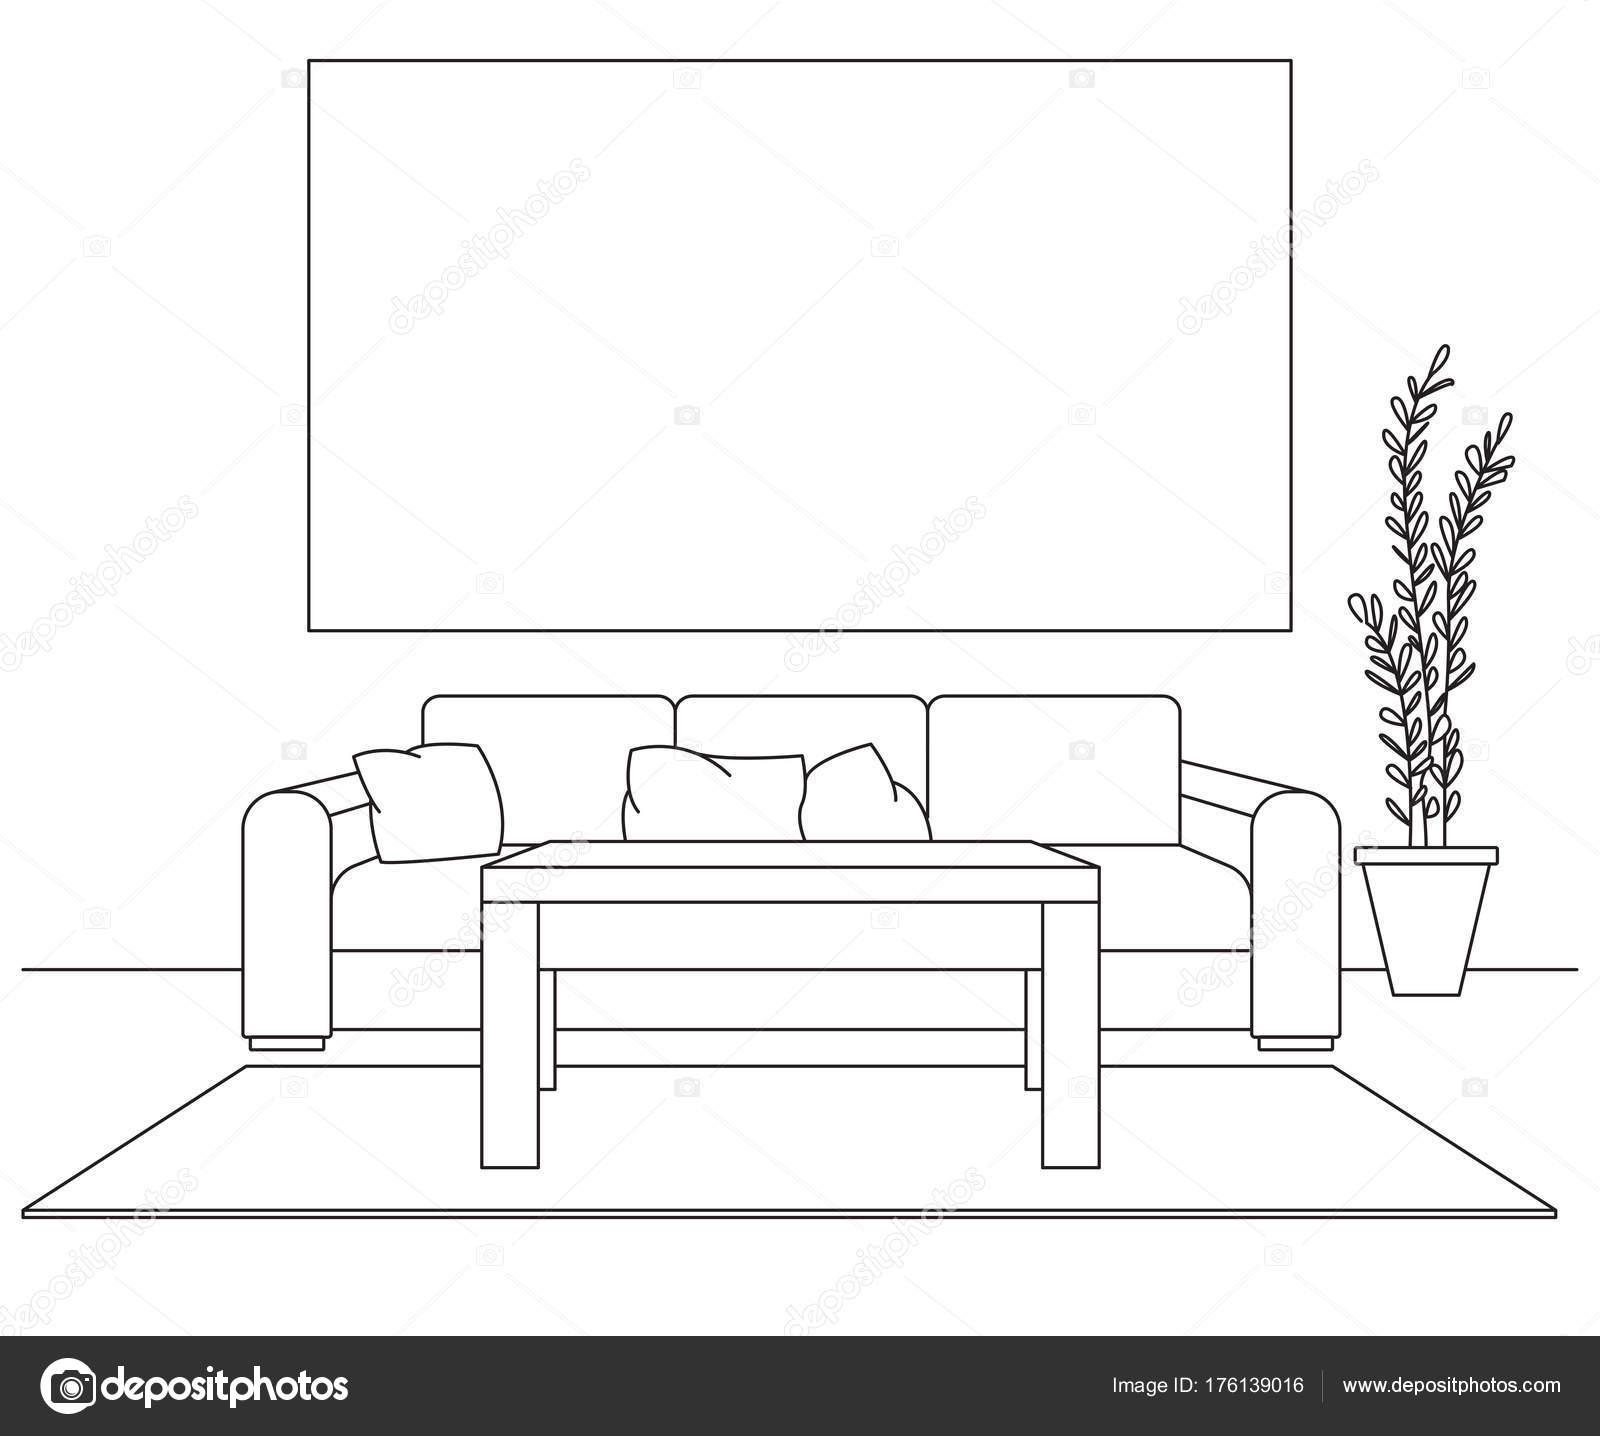 Modernes Interieur. Sofa, Lampe und Nachttisch Tisch. Vor dem Sofa ...